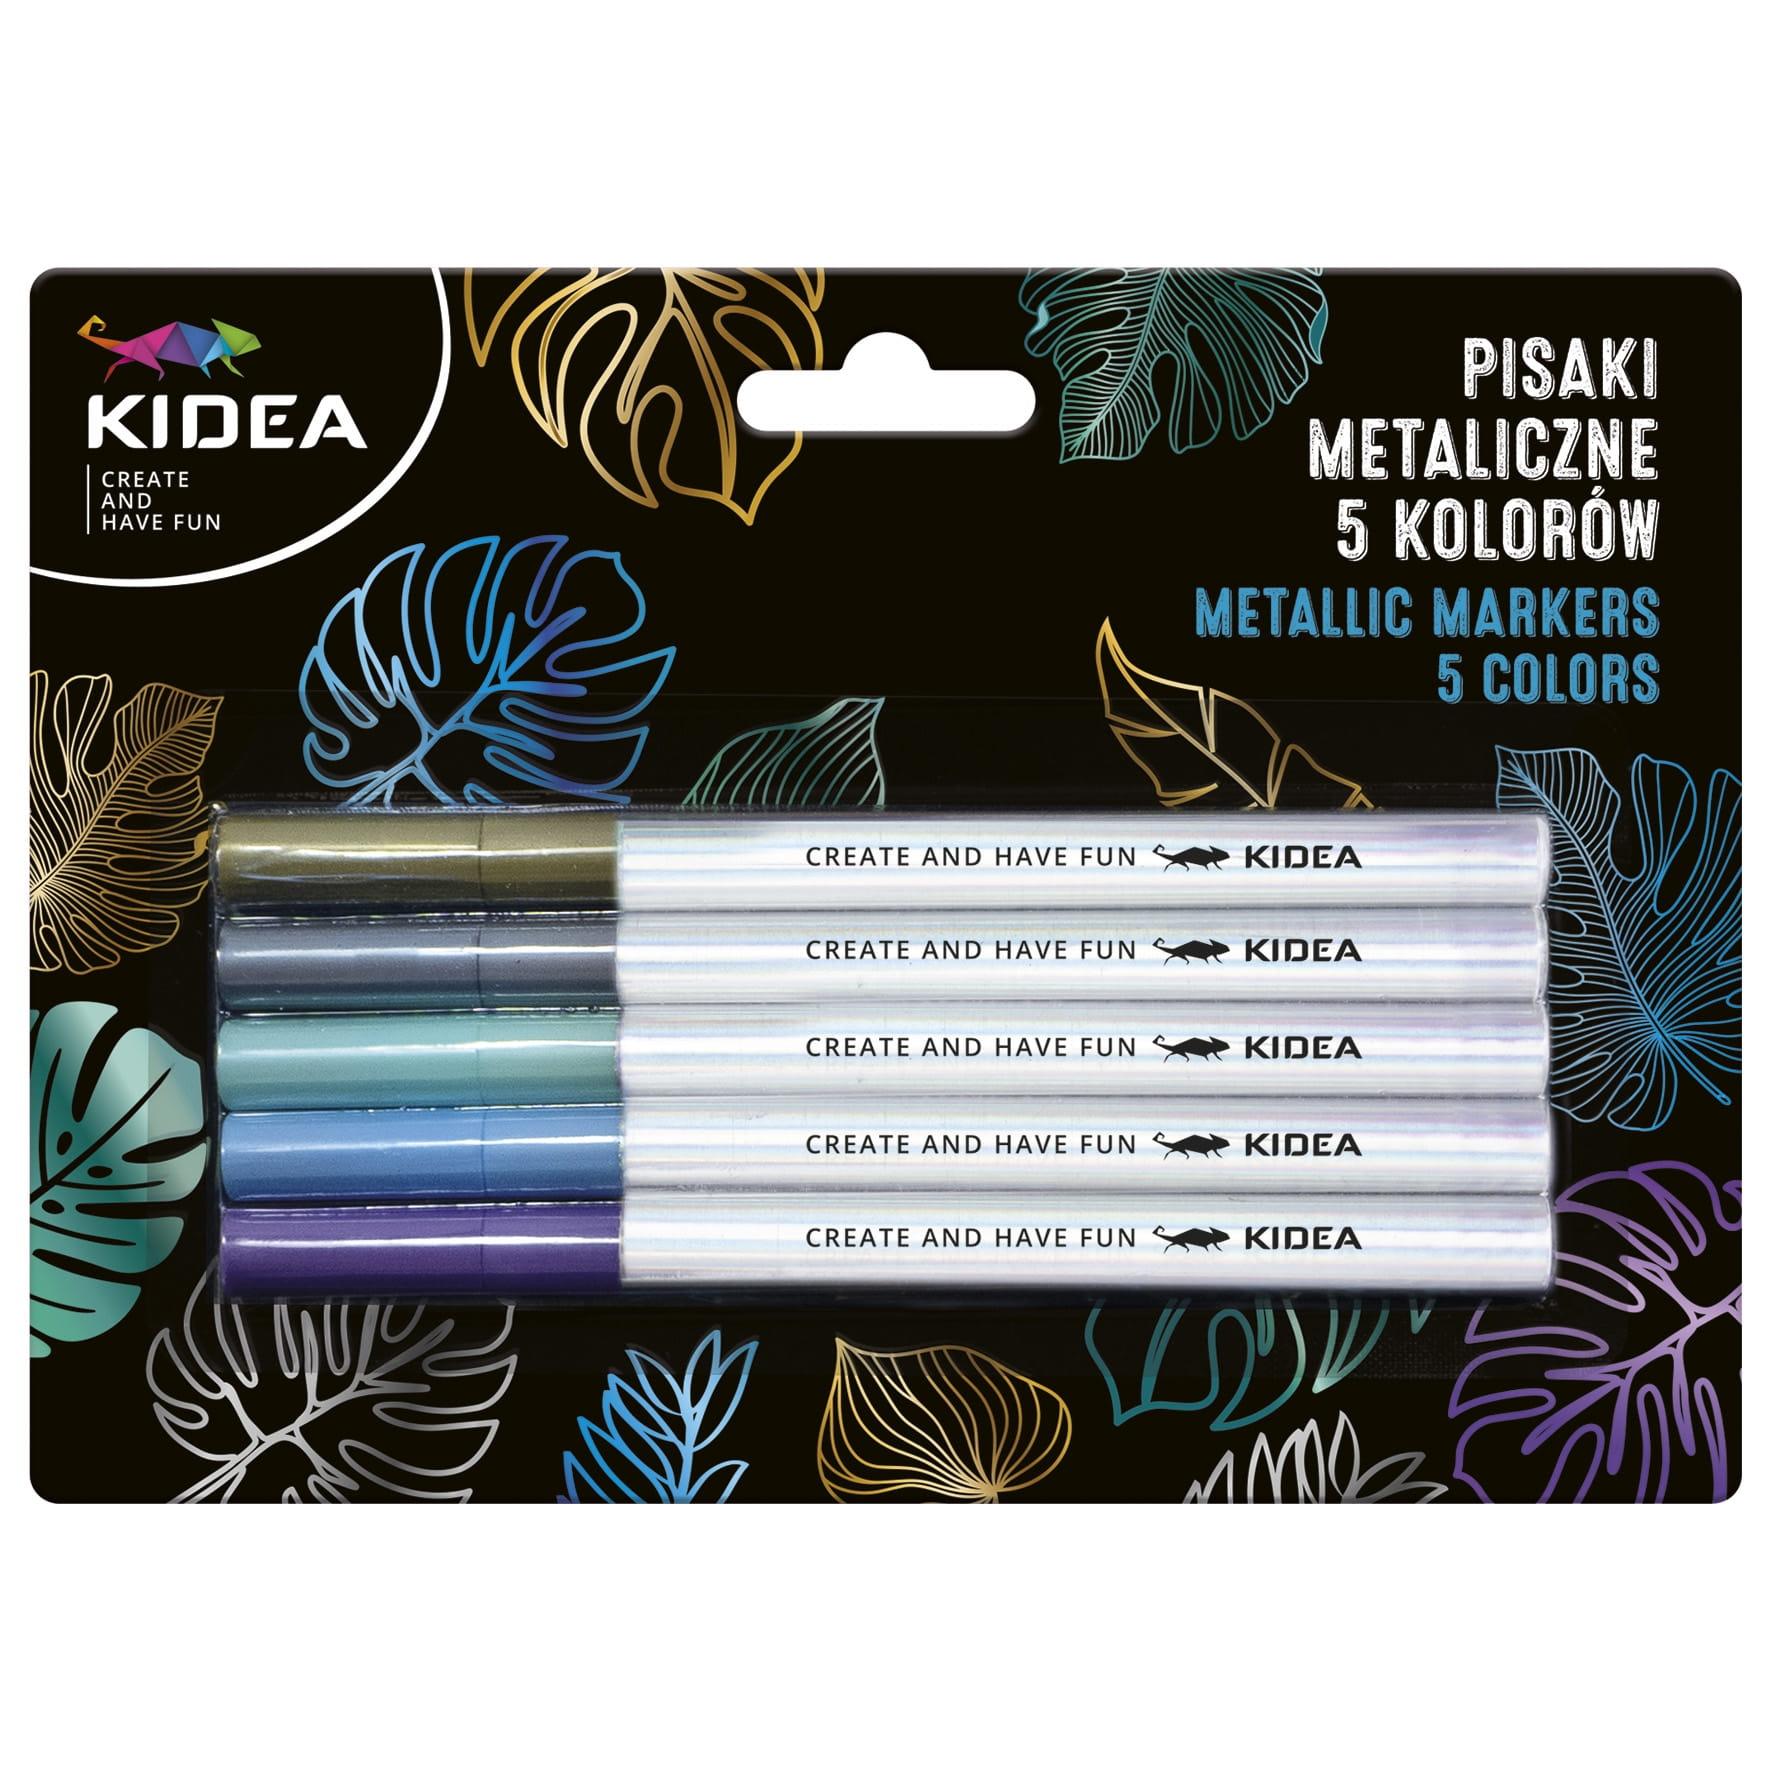 Pisaki metaliczne Kidea A, 5 kolorów (PMA5KKA)